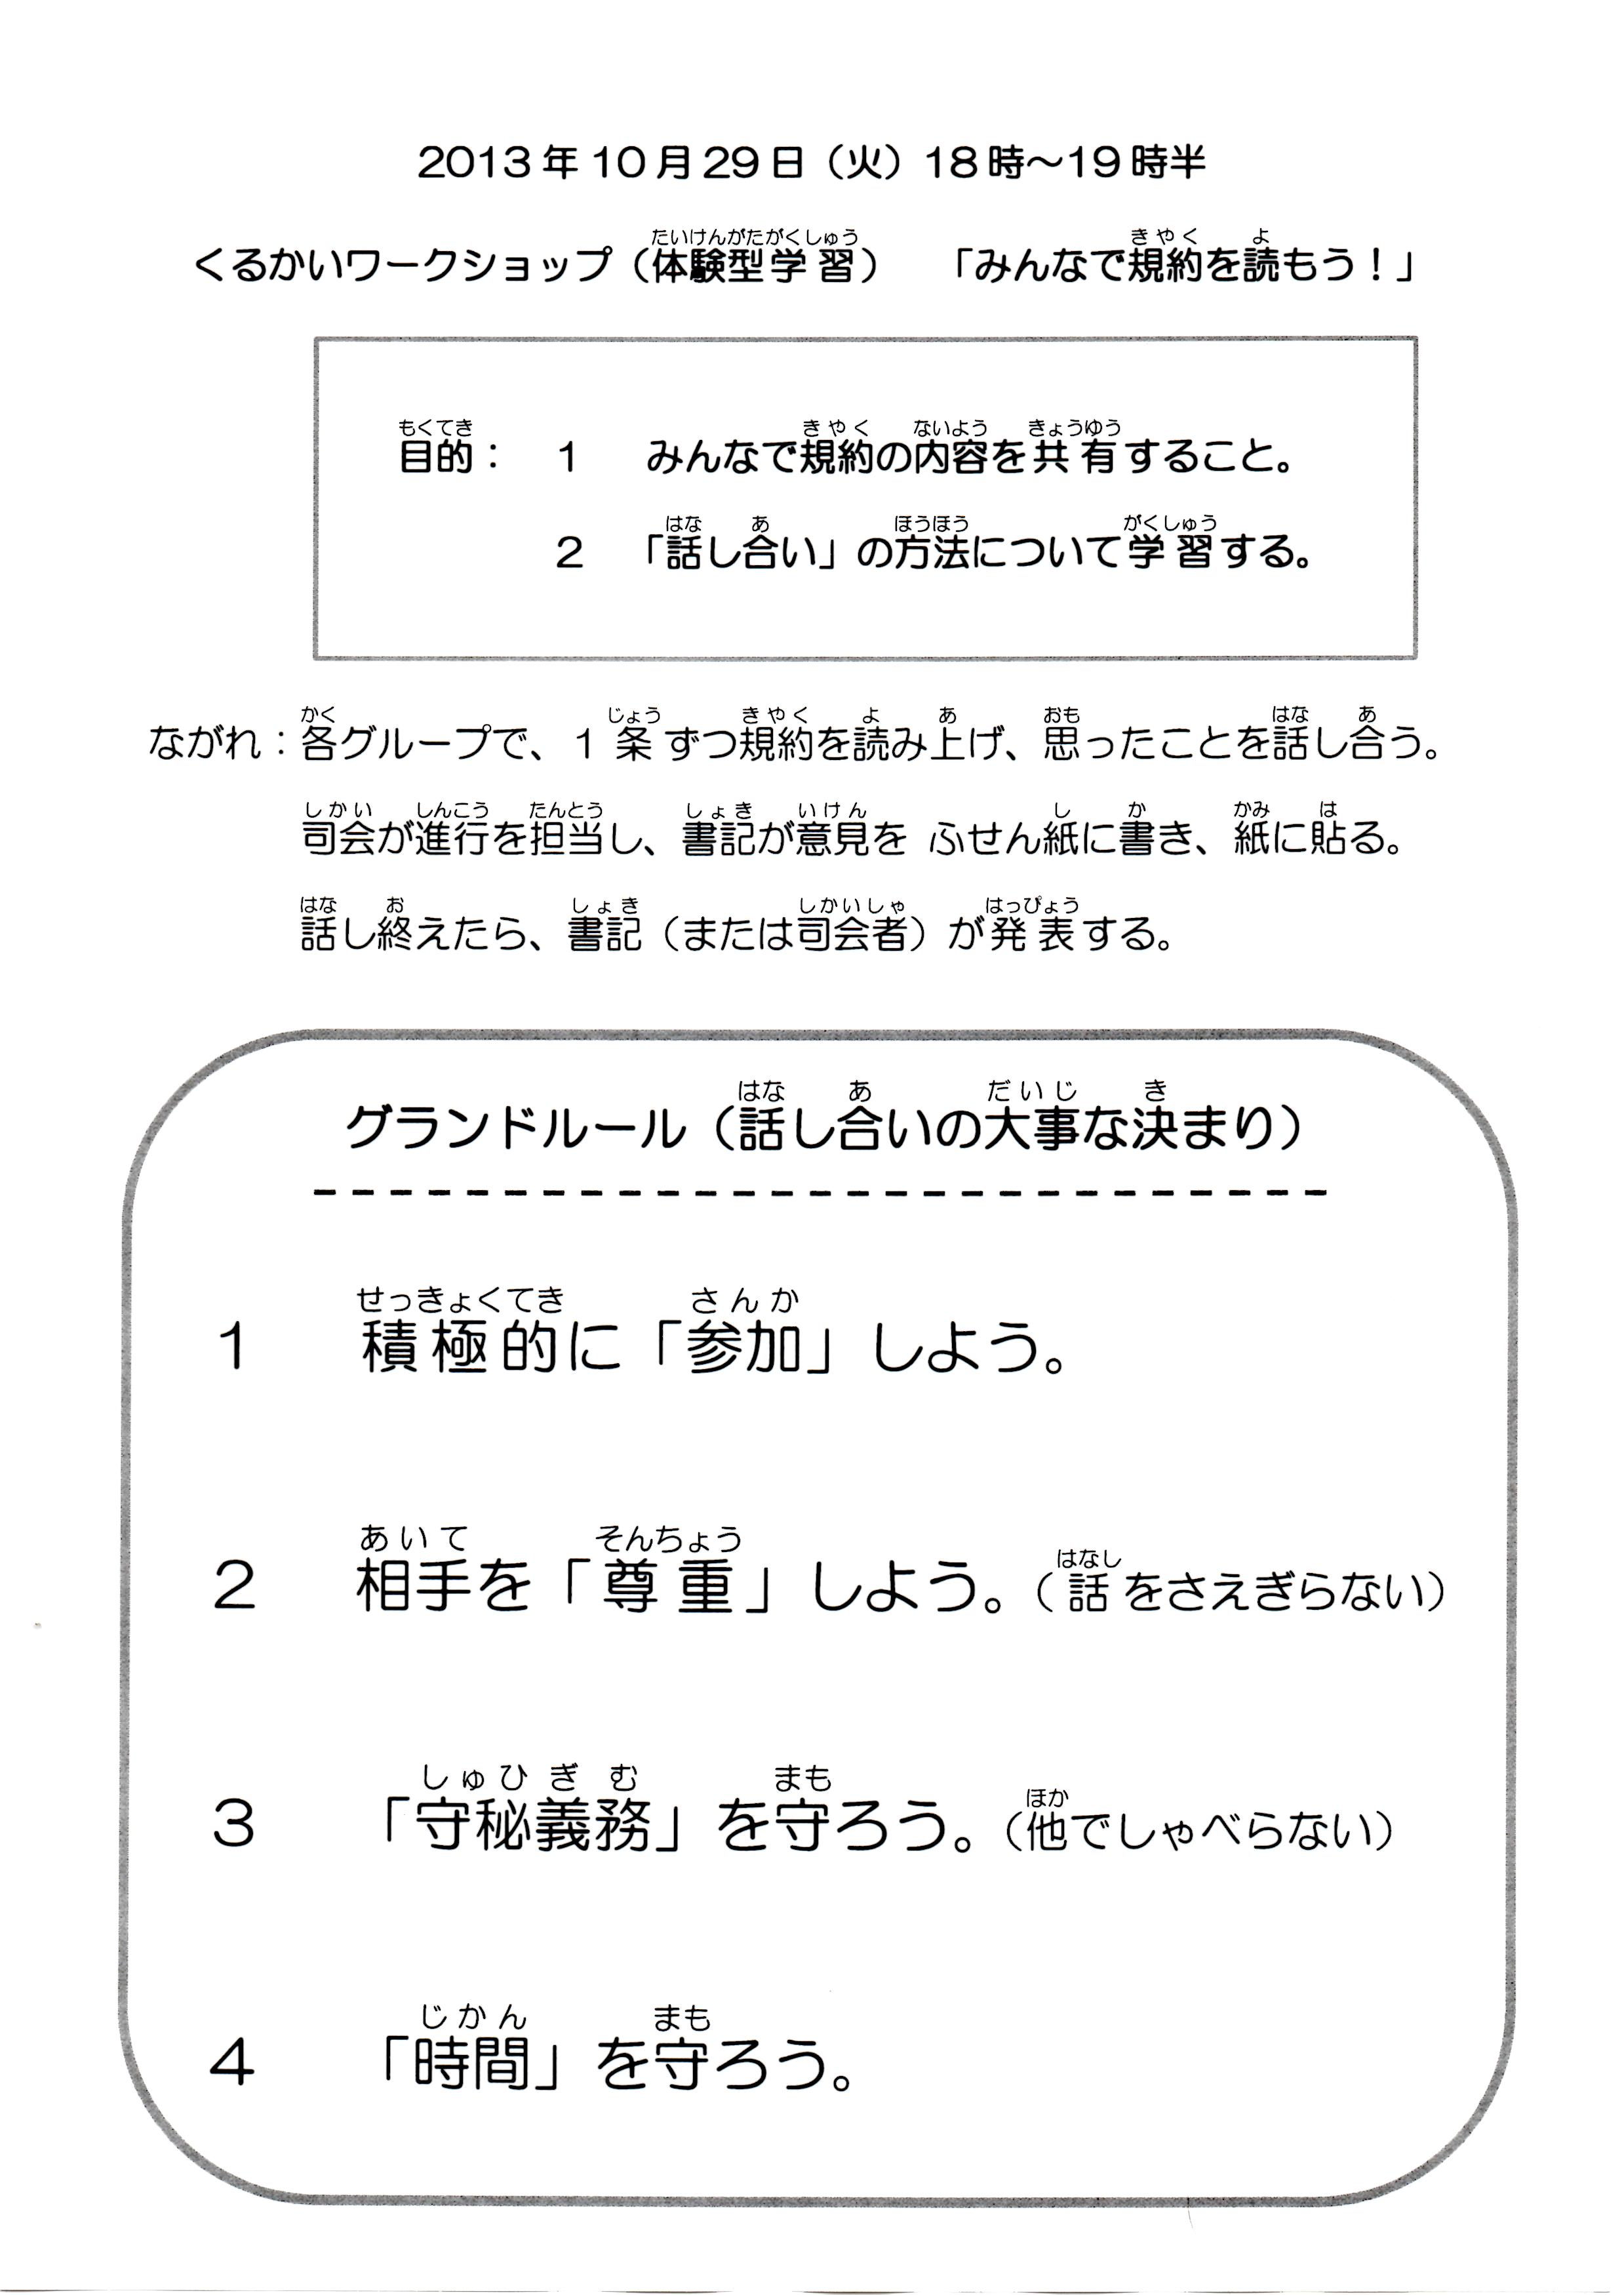 13/10/29 ワークショップ_f0202120_22274452.jpg